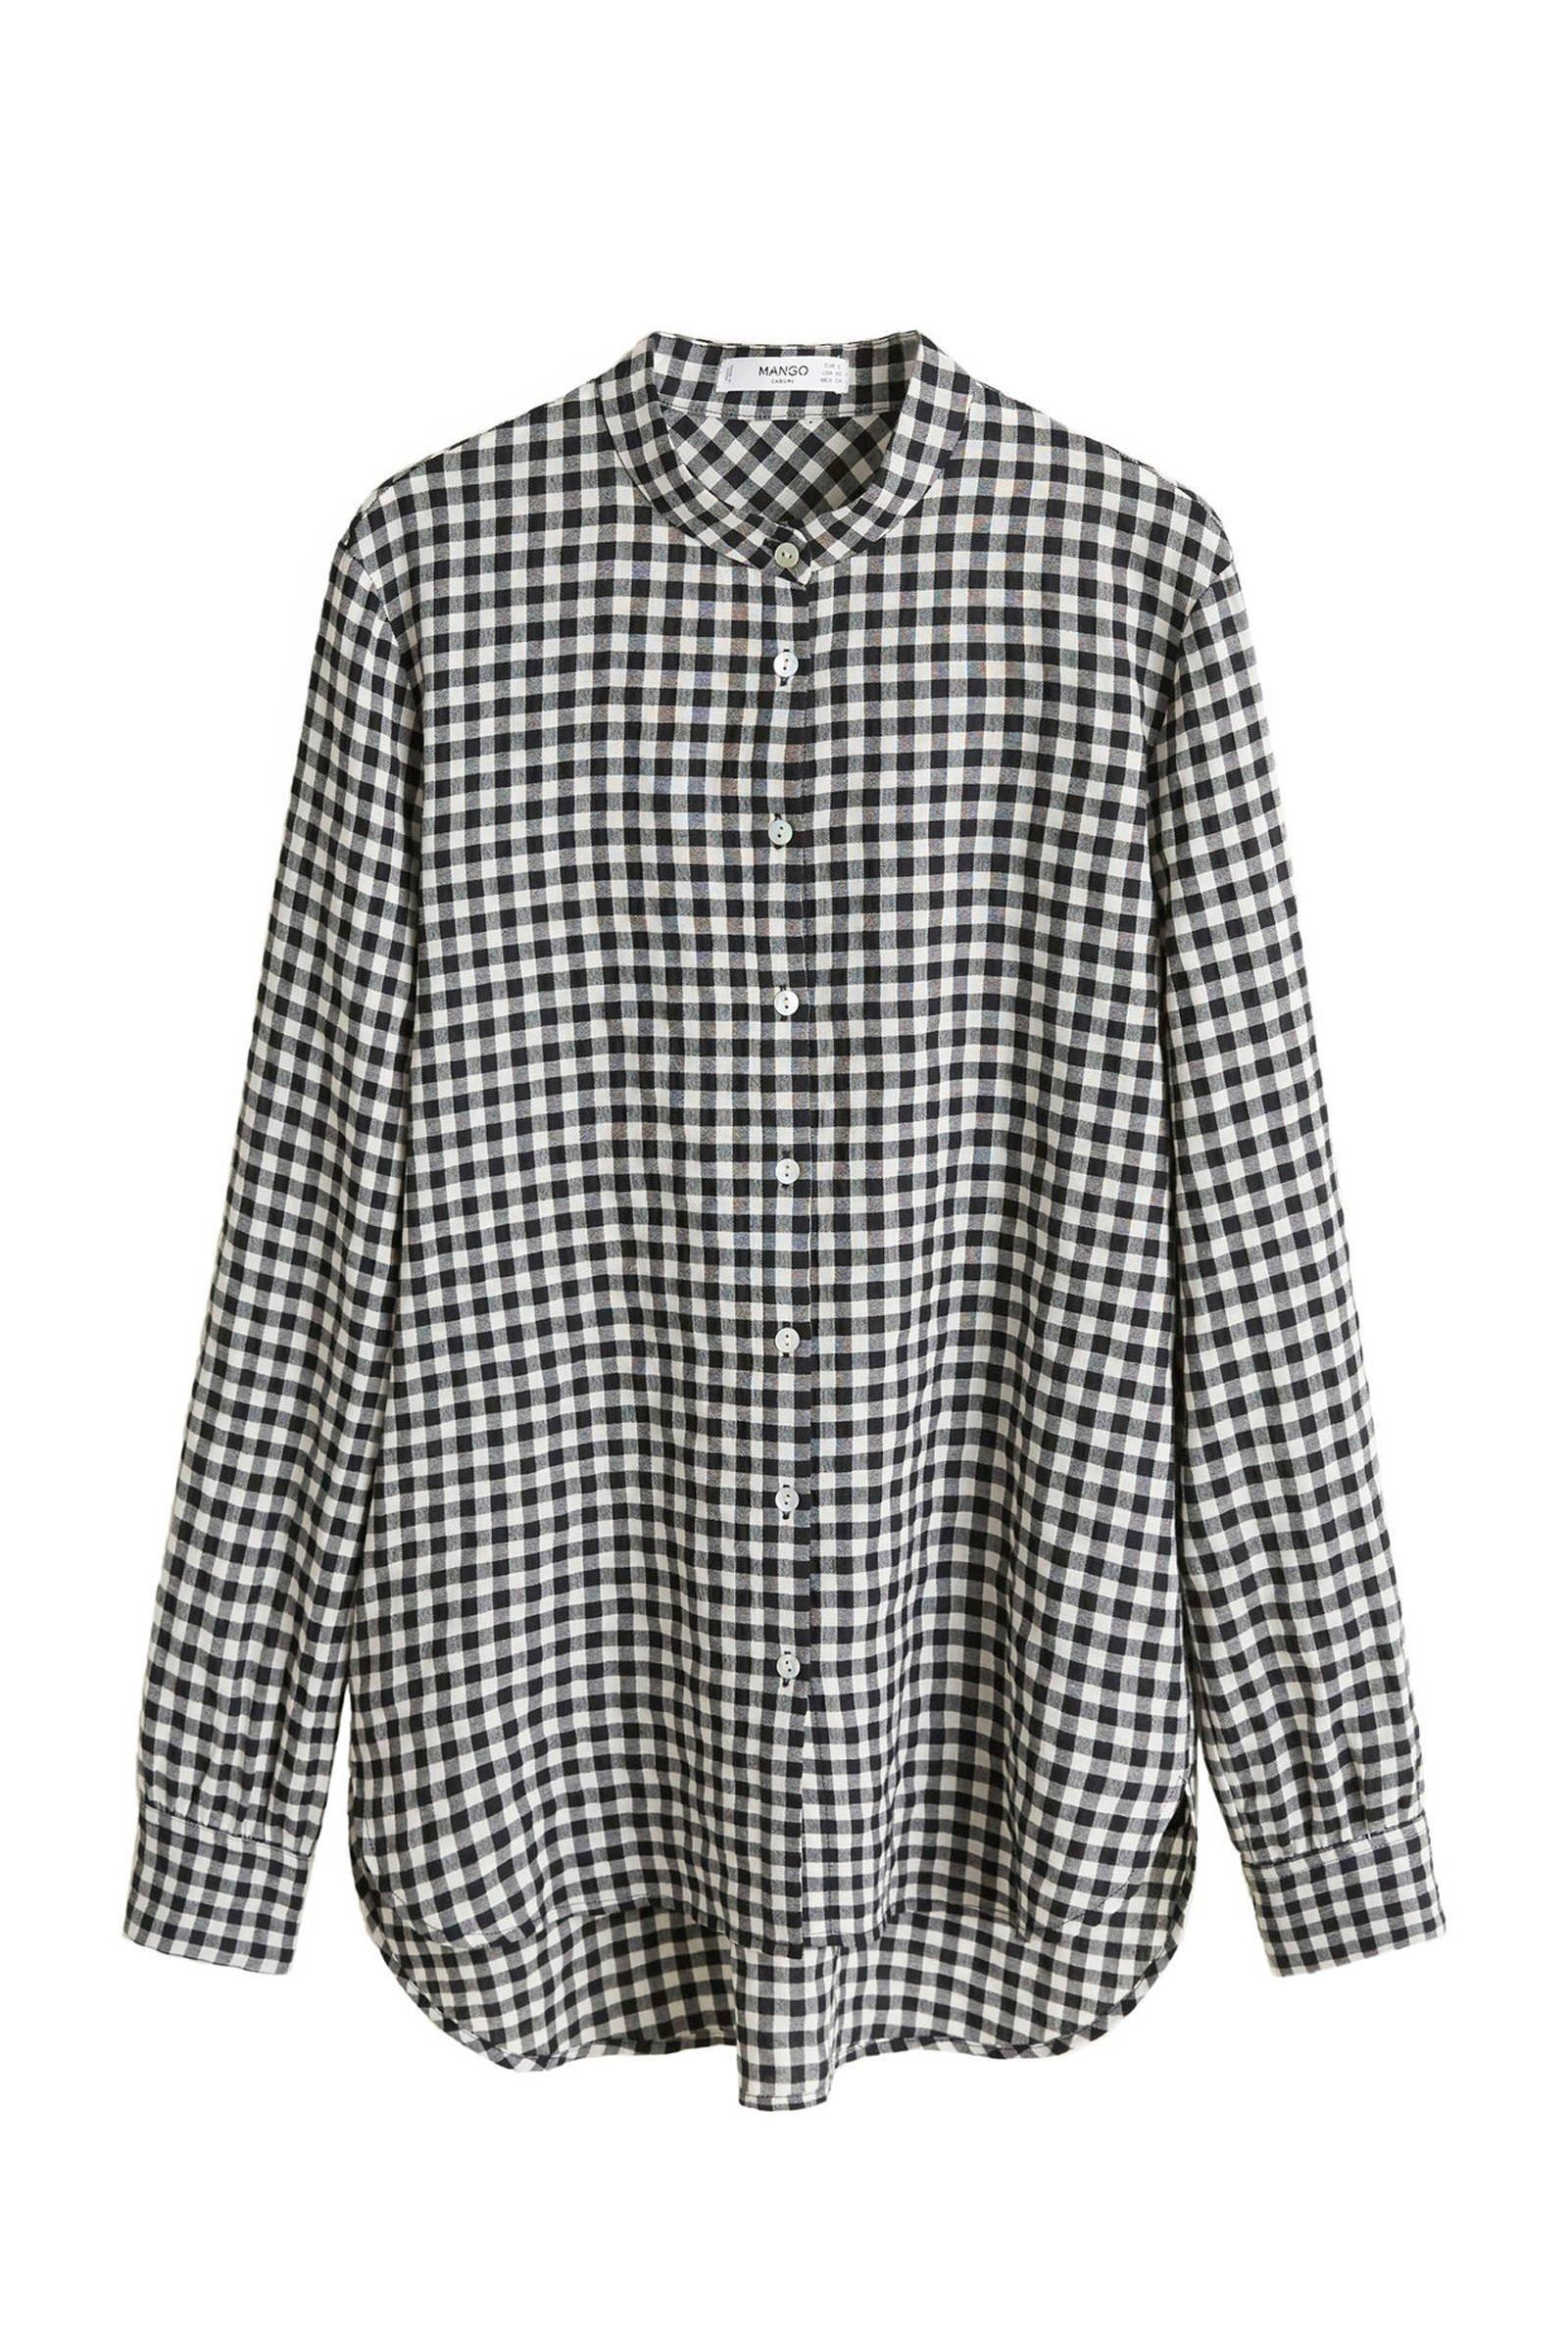 zwart wit geblokte blouse